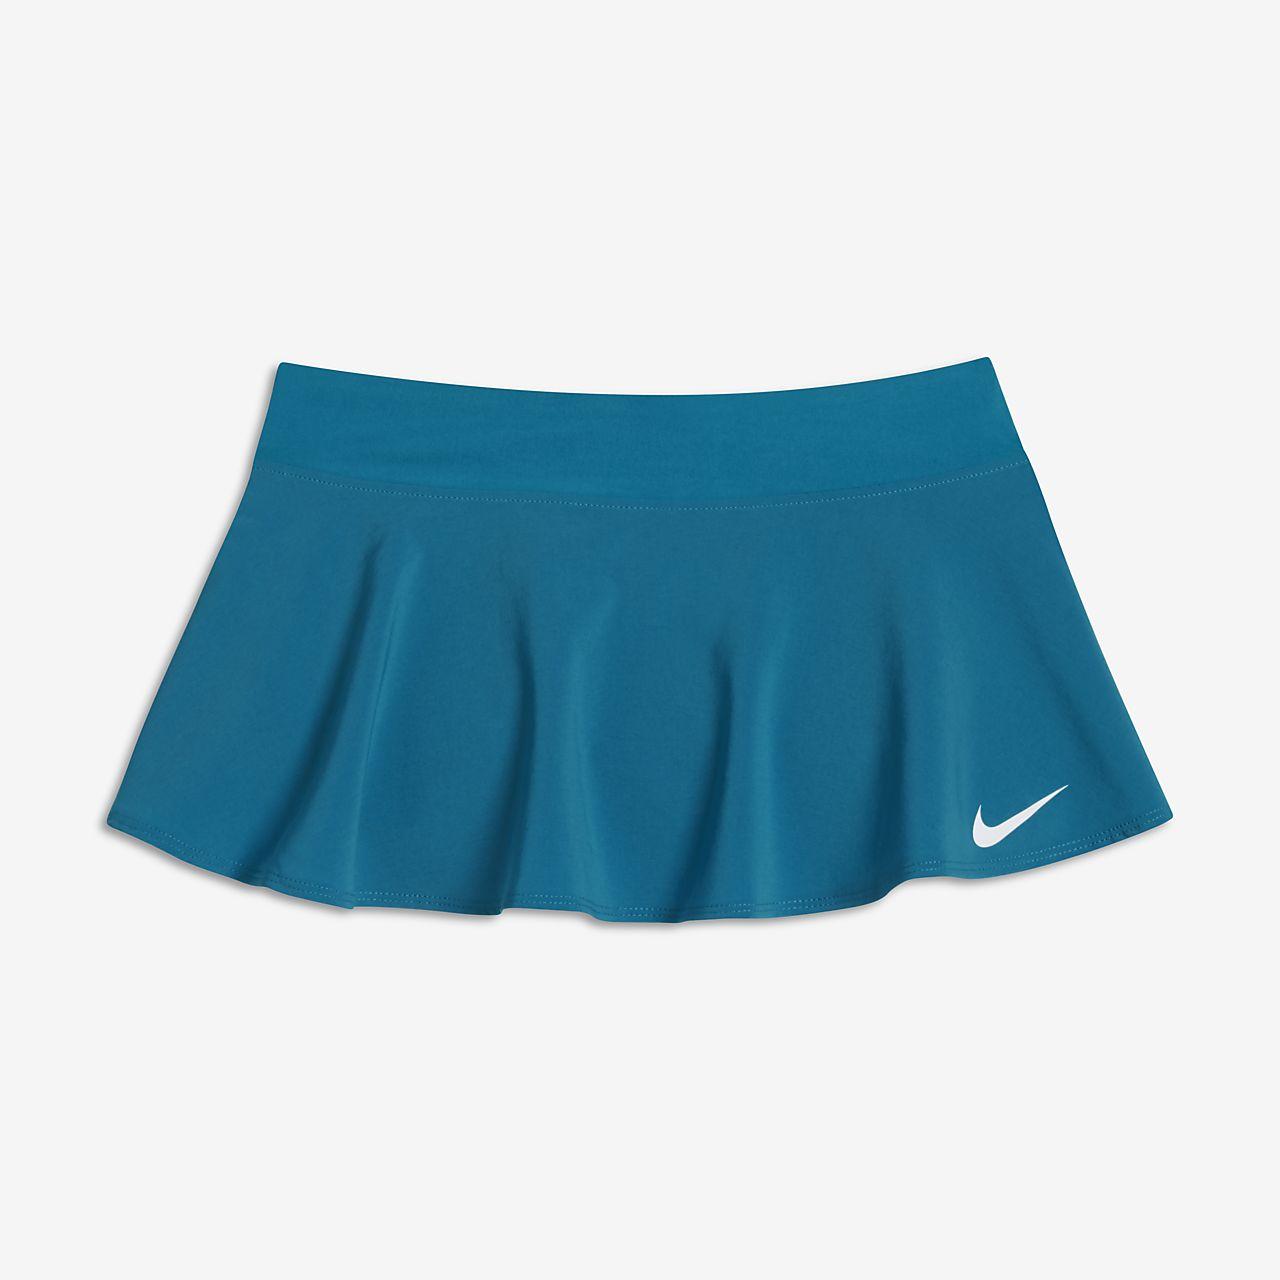 NikeCourt Pure Tennisrok meisjes